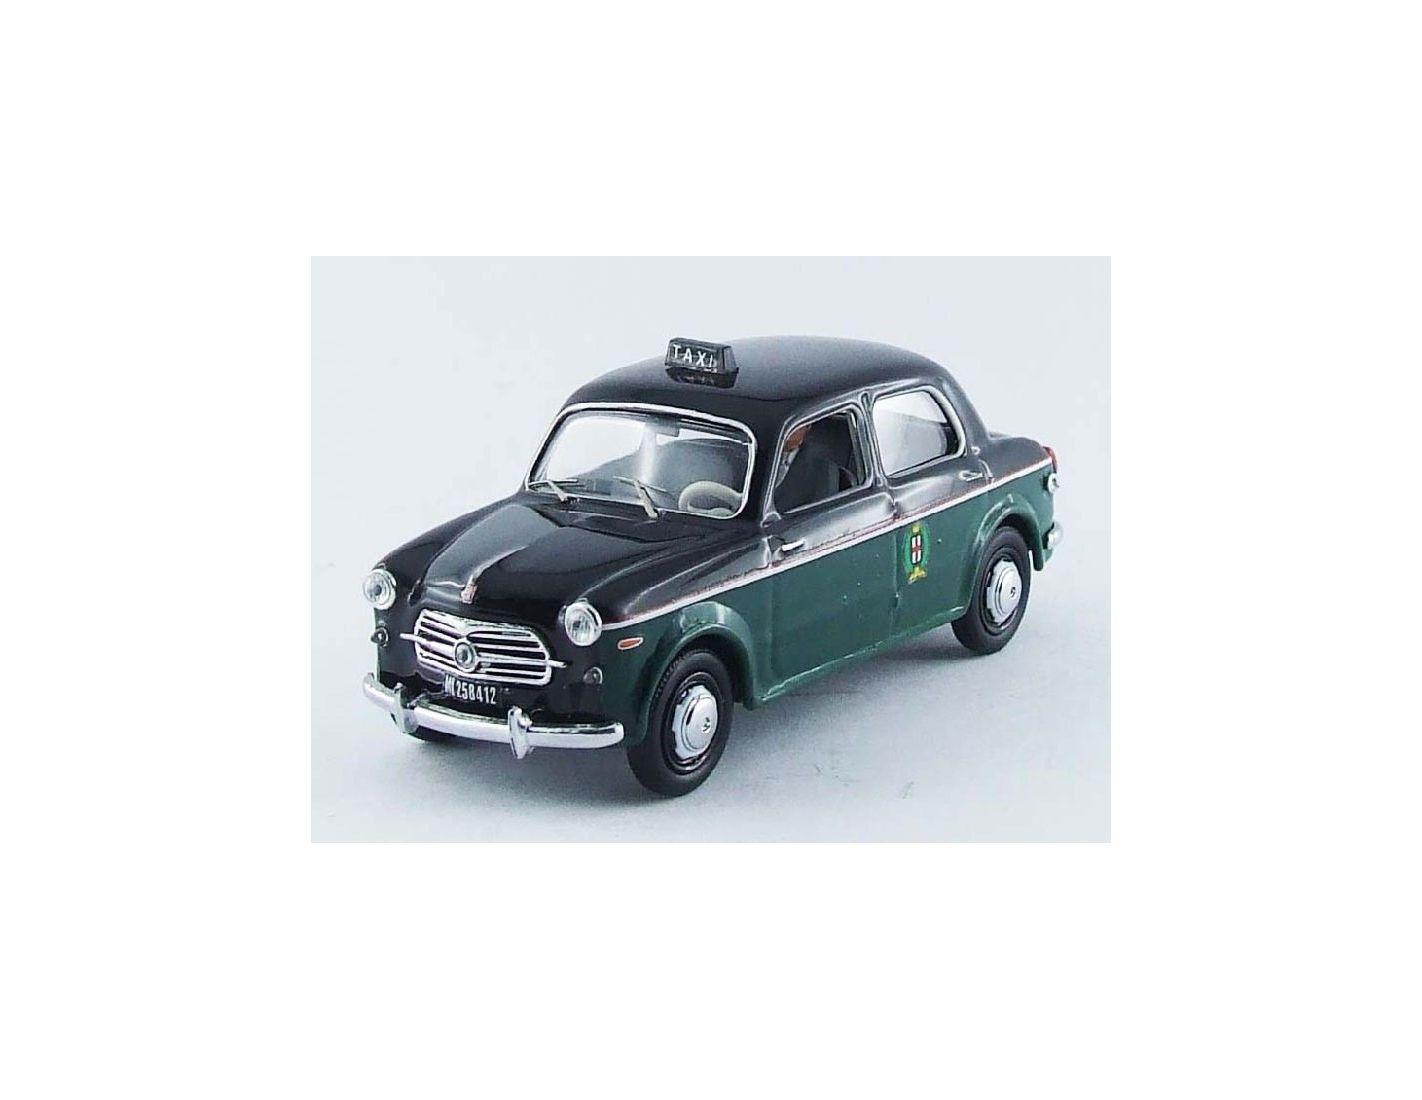 Rio 4408P FIAT 1100 TAXI DI MILANO 1956 1956 1956 1 43 Modellino b04ac1